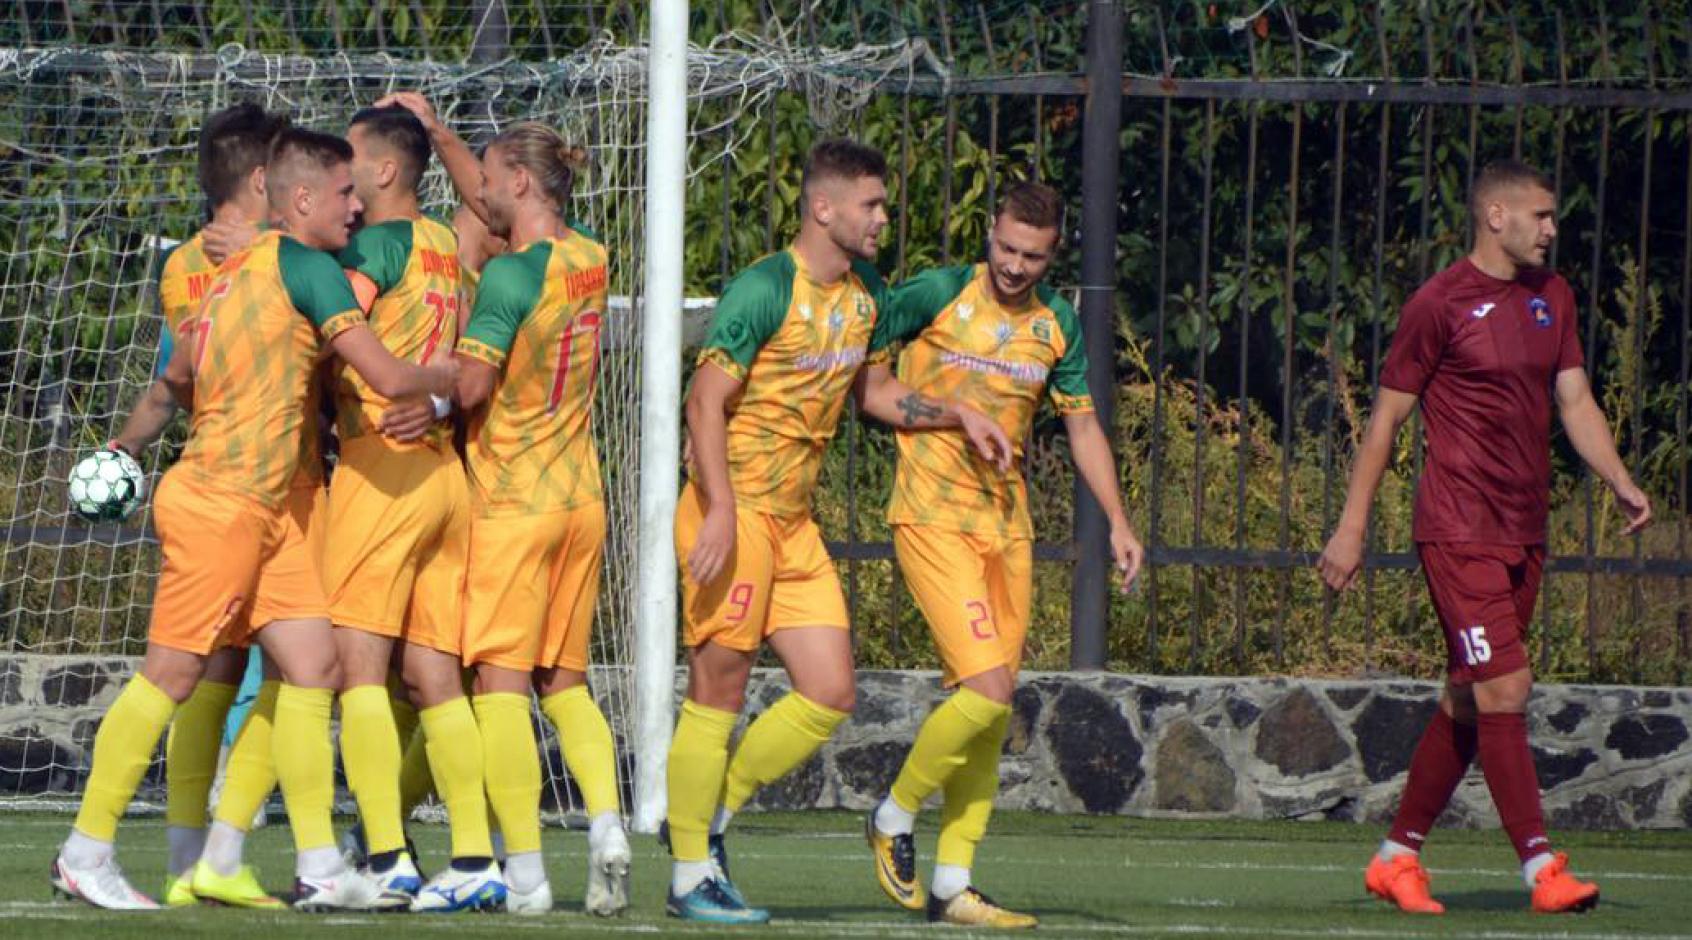 """Офіційно: """"Черкащина"""" не зможе дограти поточний чемпіонат в другій лізі"""